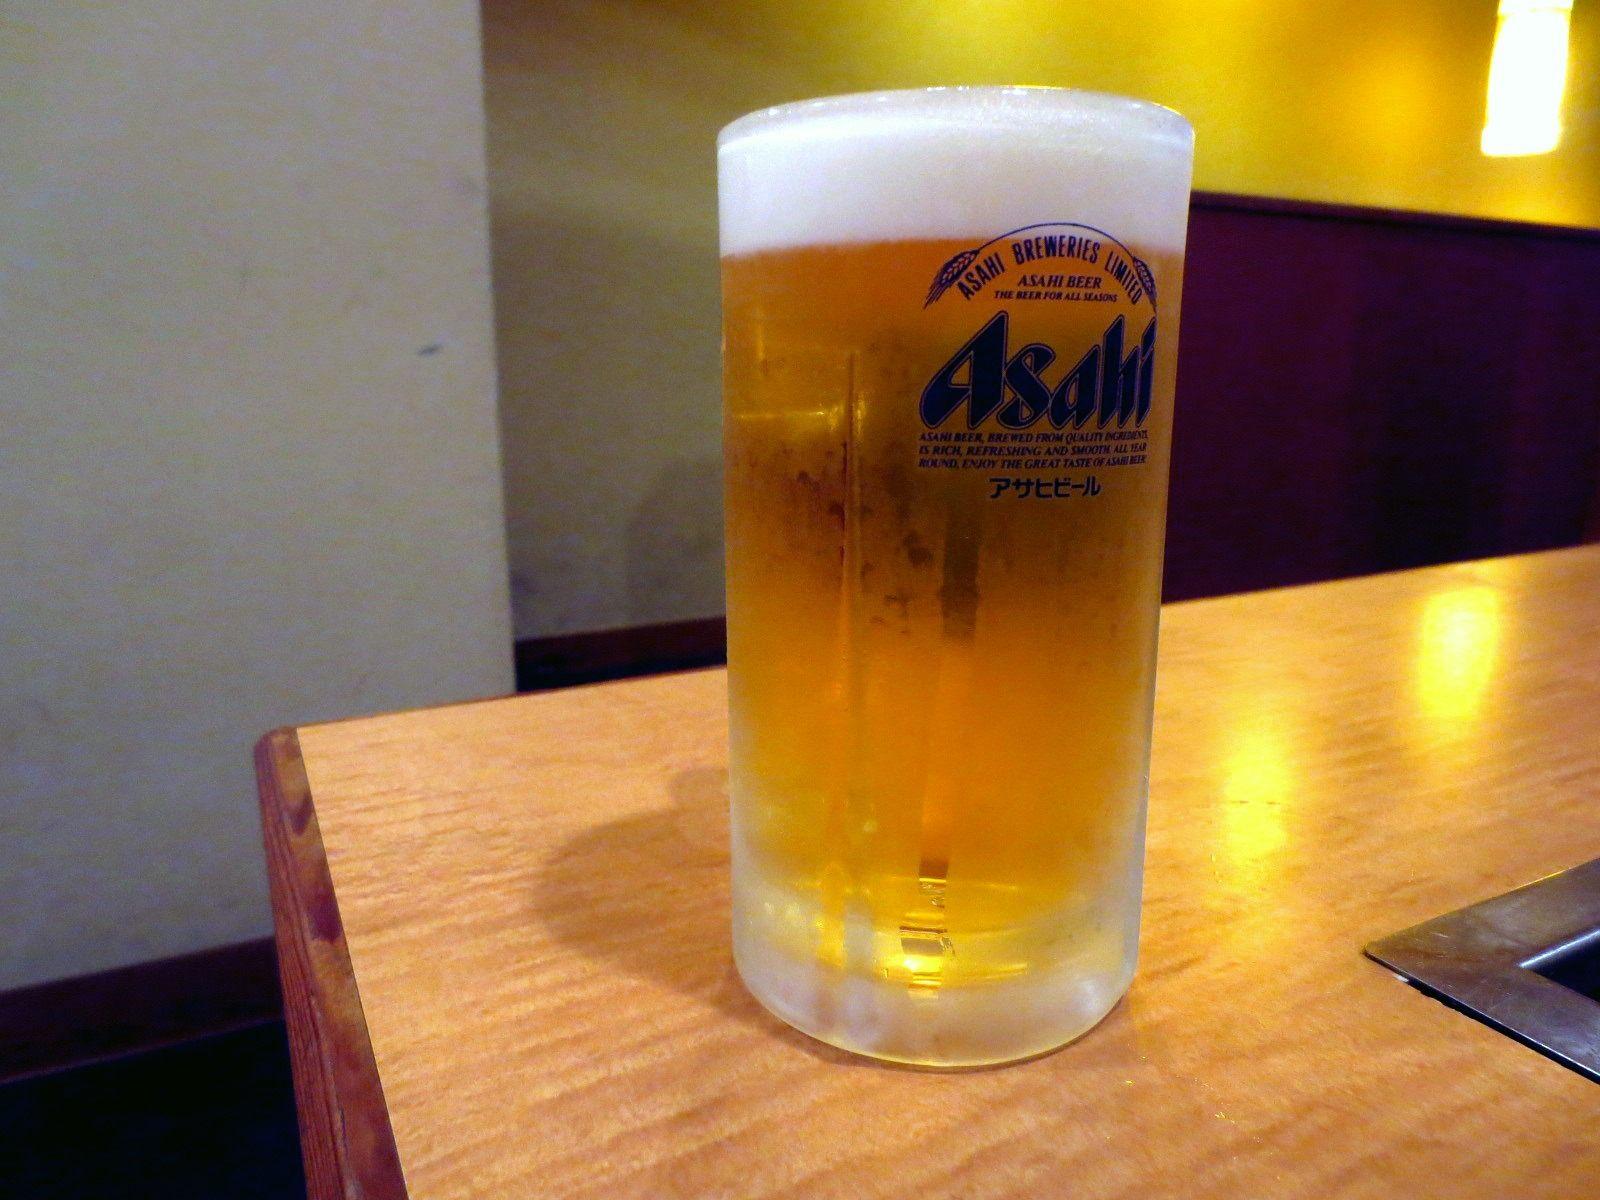 生啤酒 小杯 490日圆